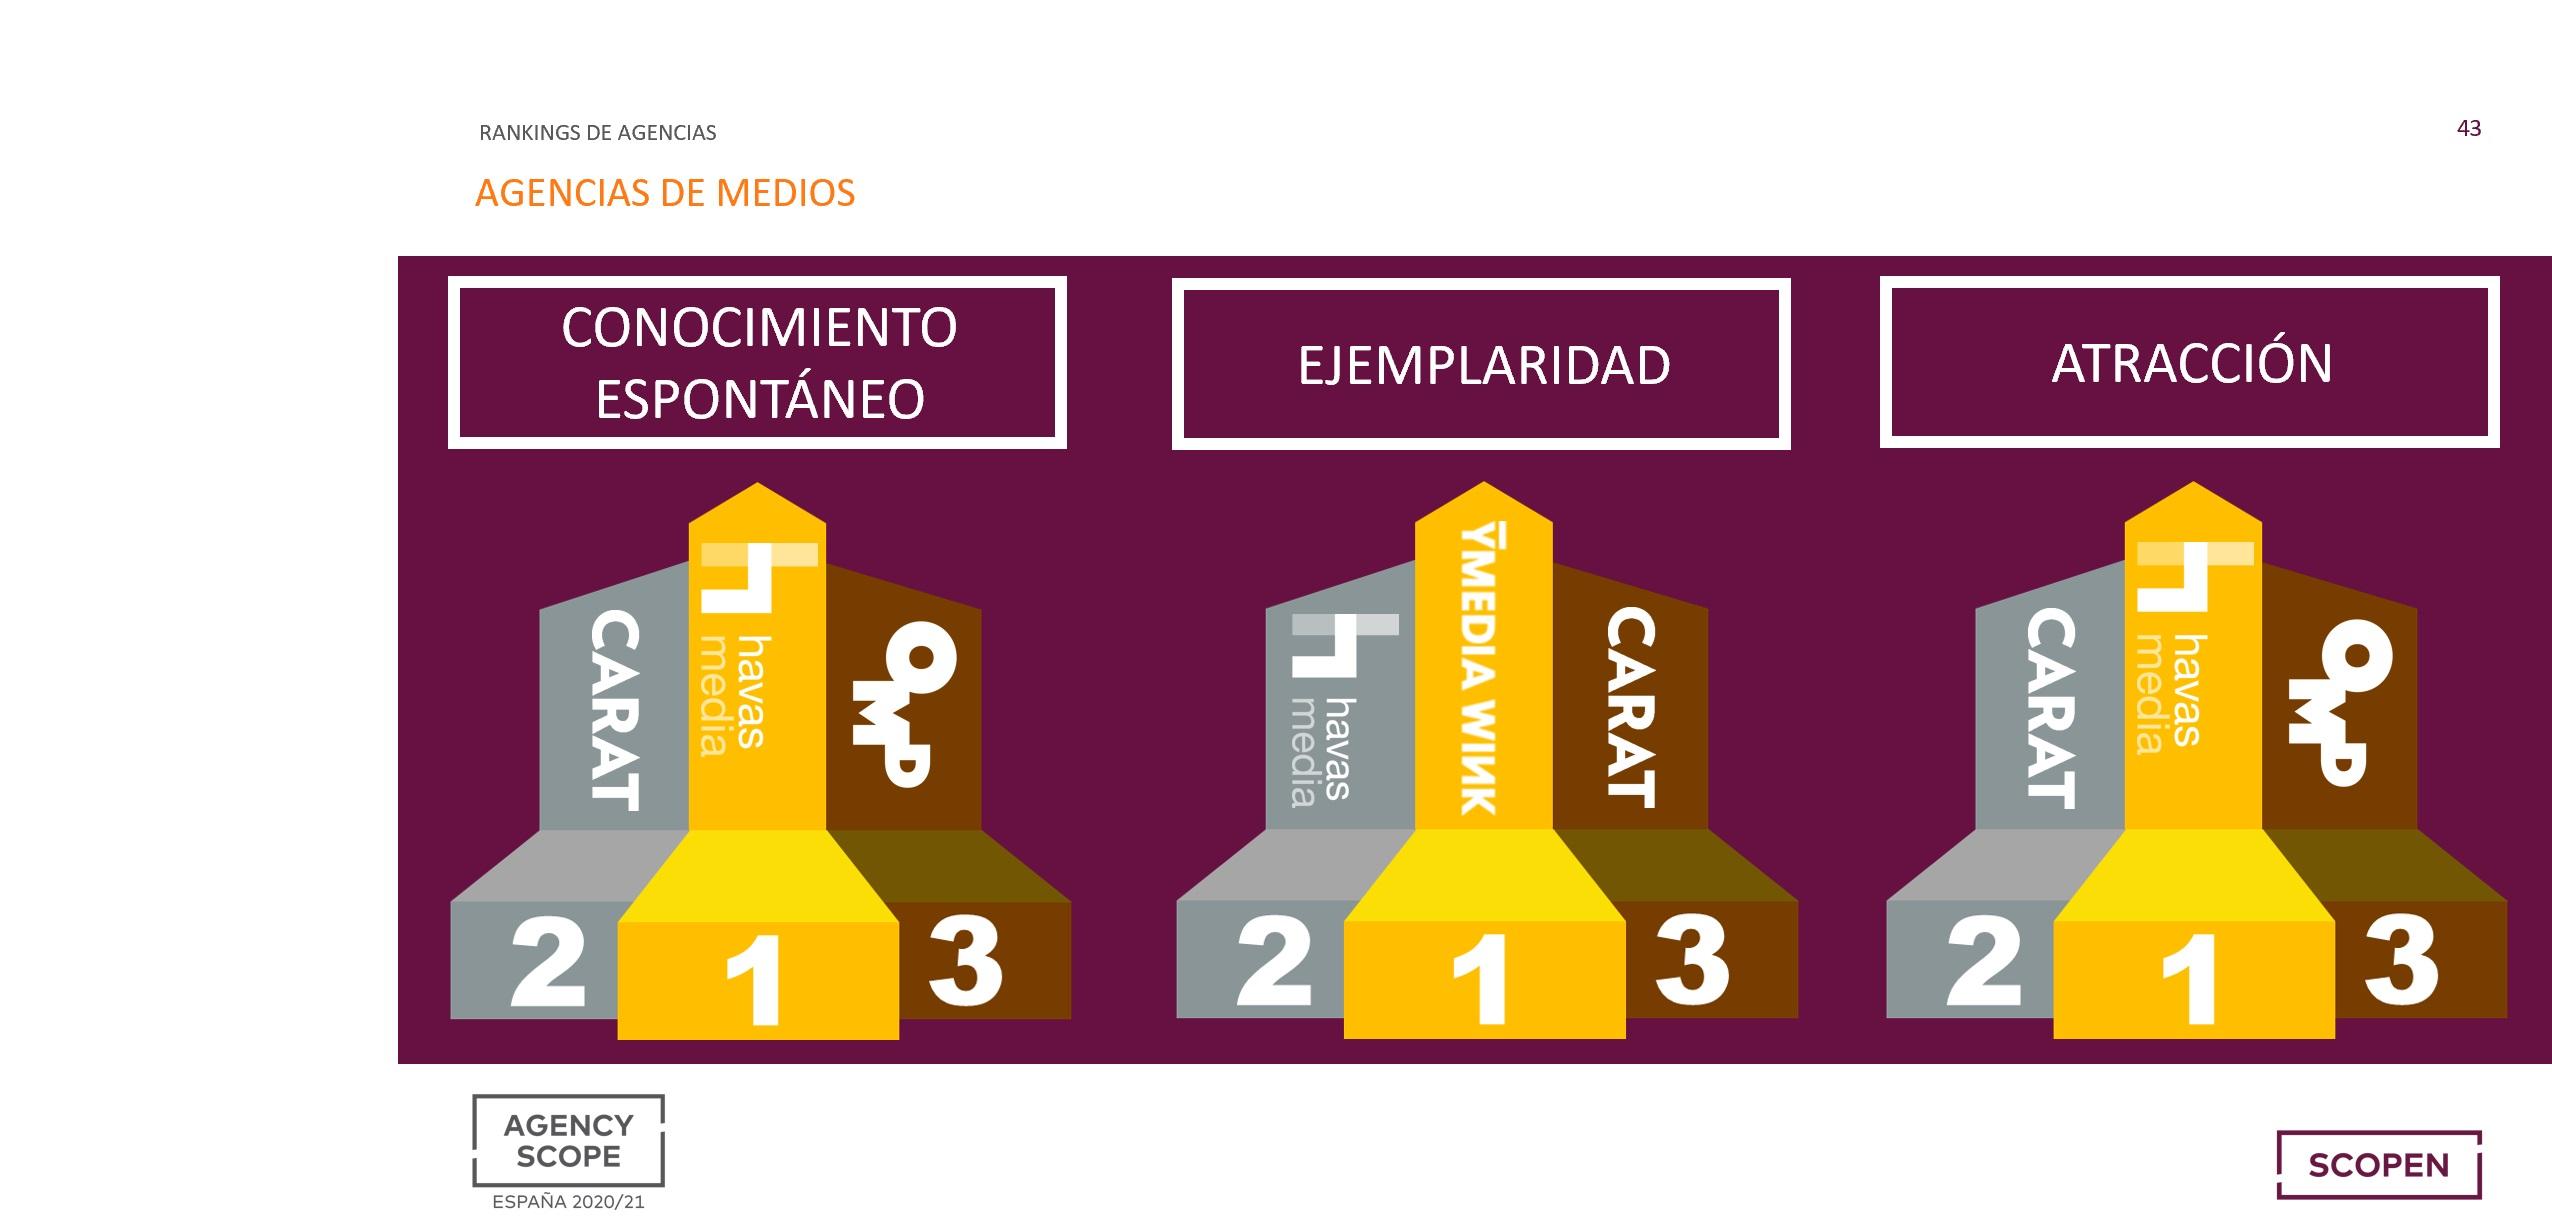 https://www.programapublicidad.com/wp-content/uploads/2021/01/agency-scope-agencias-medios-havas-caratomd-espontáneo-ejemplaridad-ymediahavas-carat-atracción-programapublicidad.jpg